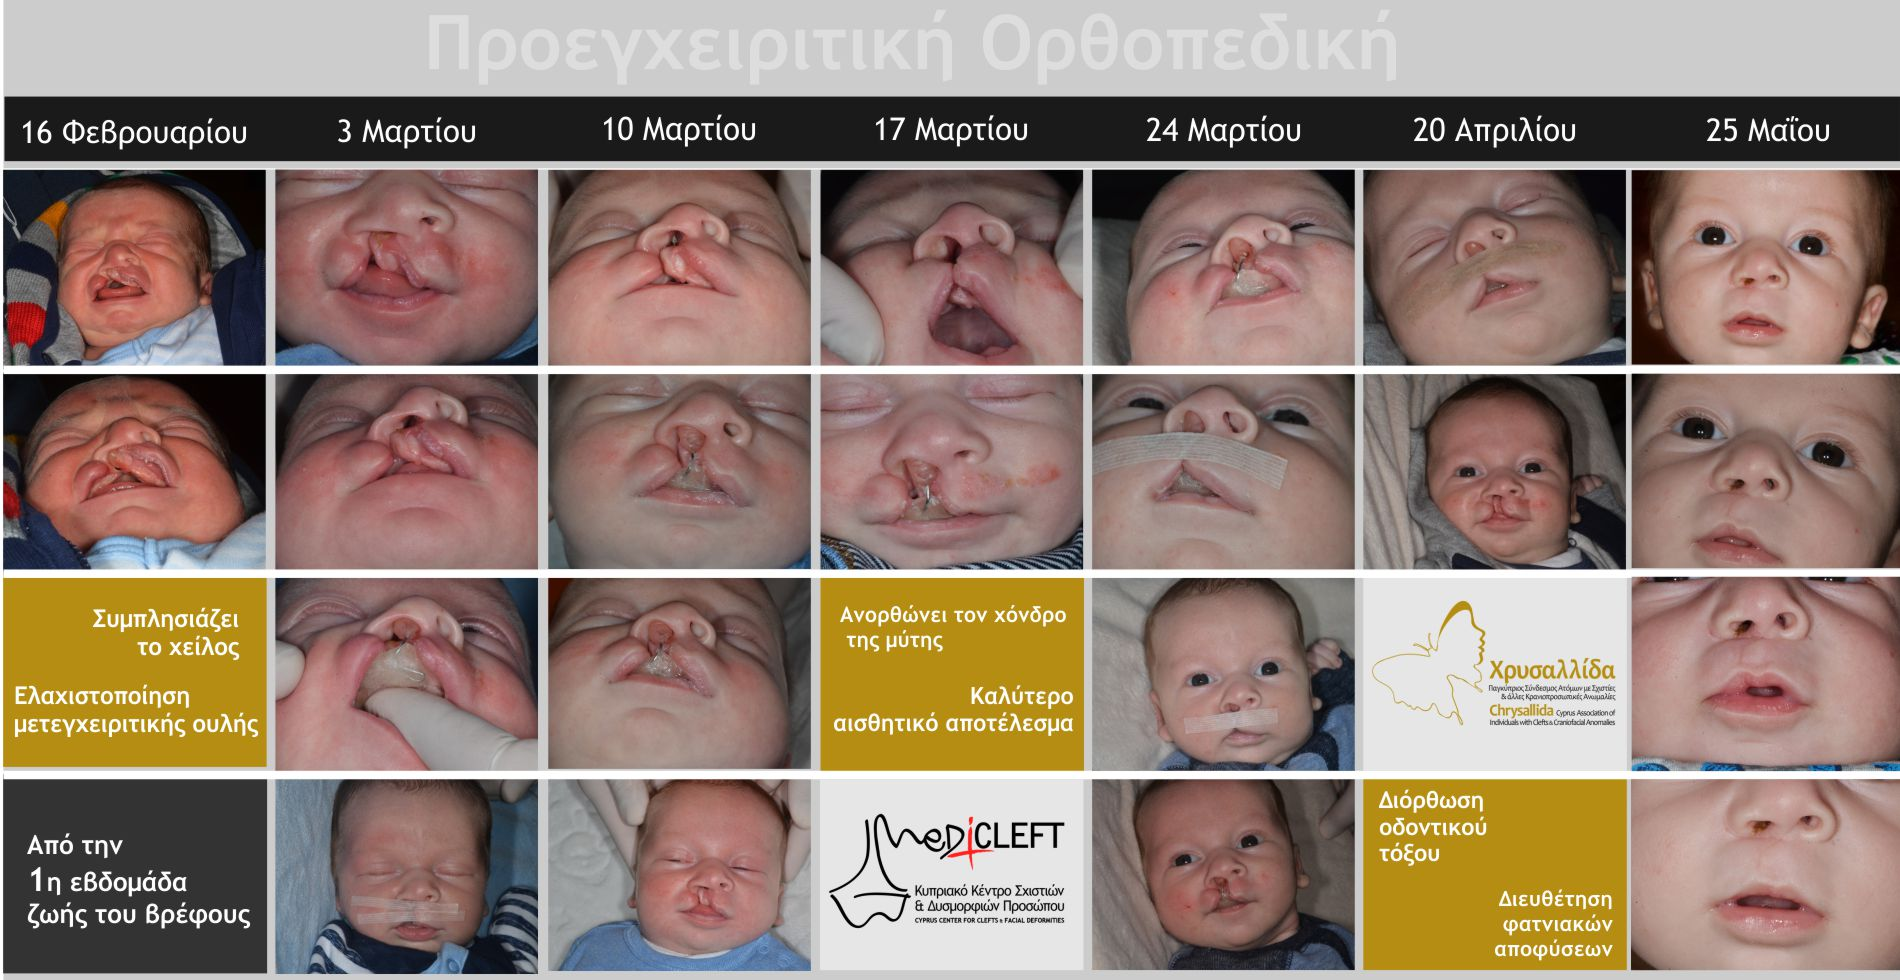 Προεγχειριτική Ορθοπεδική - Προετοιμάζει το βρέφος για την επέμβαση χείλους και μύτης